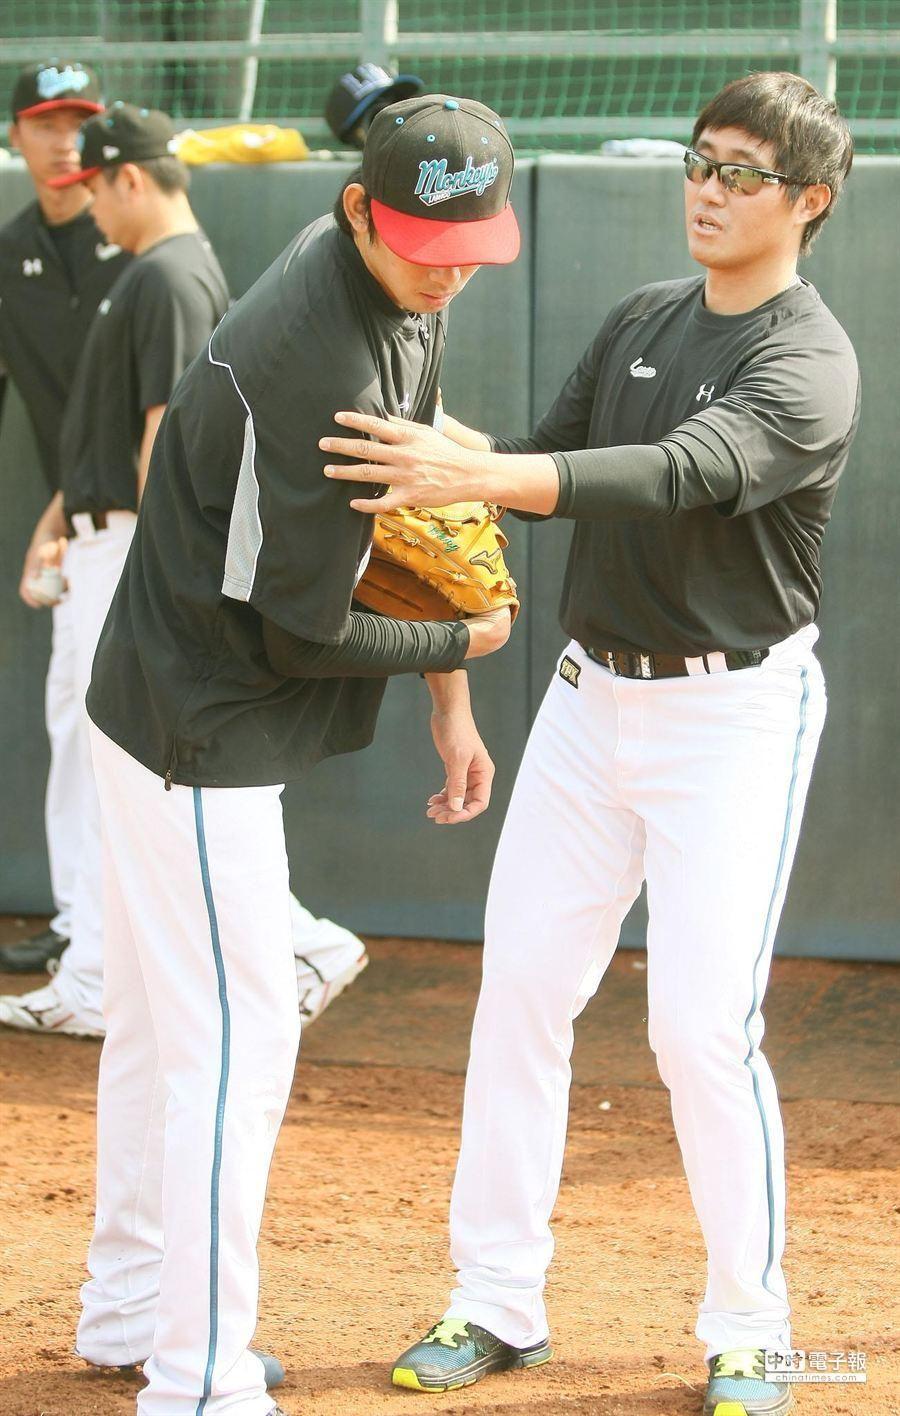 加入桃猿隊的旅日投手許銘傑(右),19日前往屏東球場加入桃猿隊春訓開始練球,並與隊友相互切磋。(謝明祚攝)